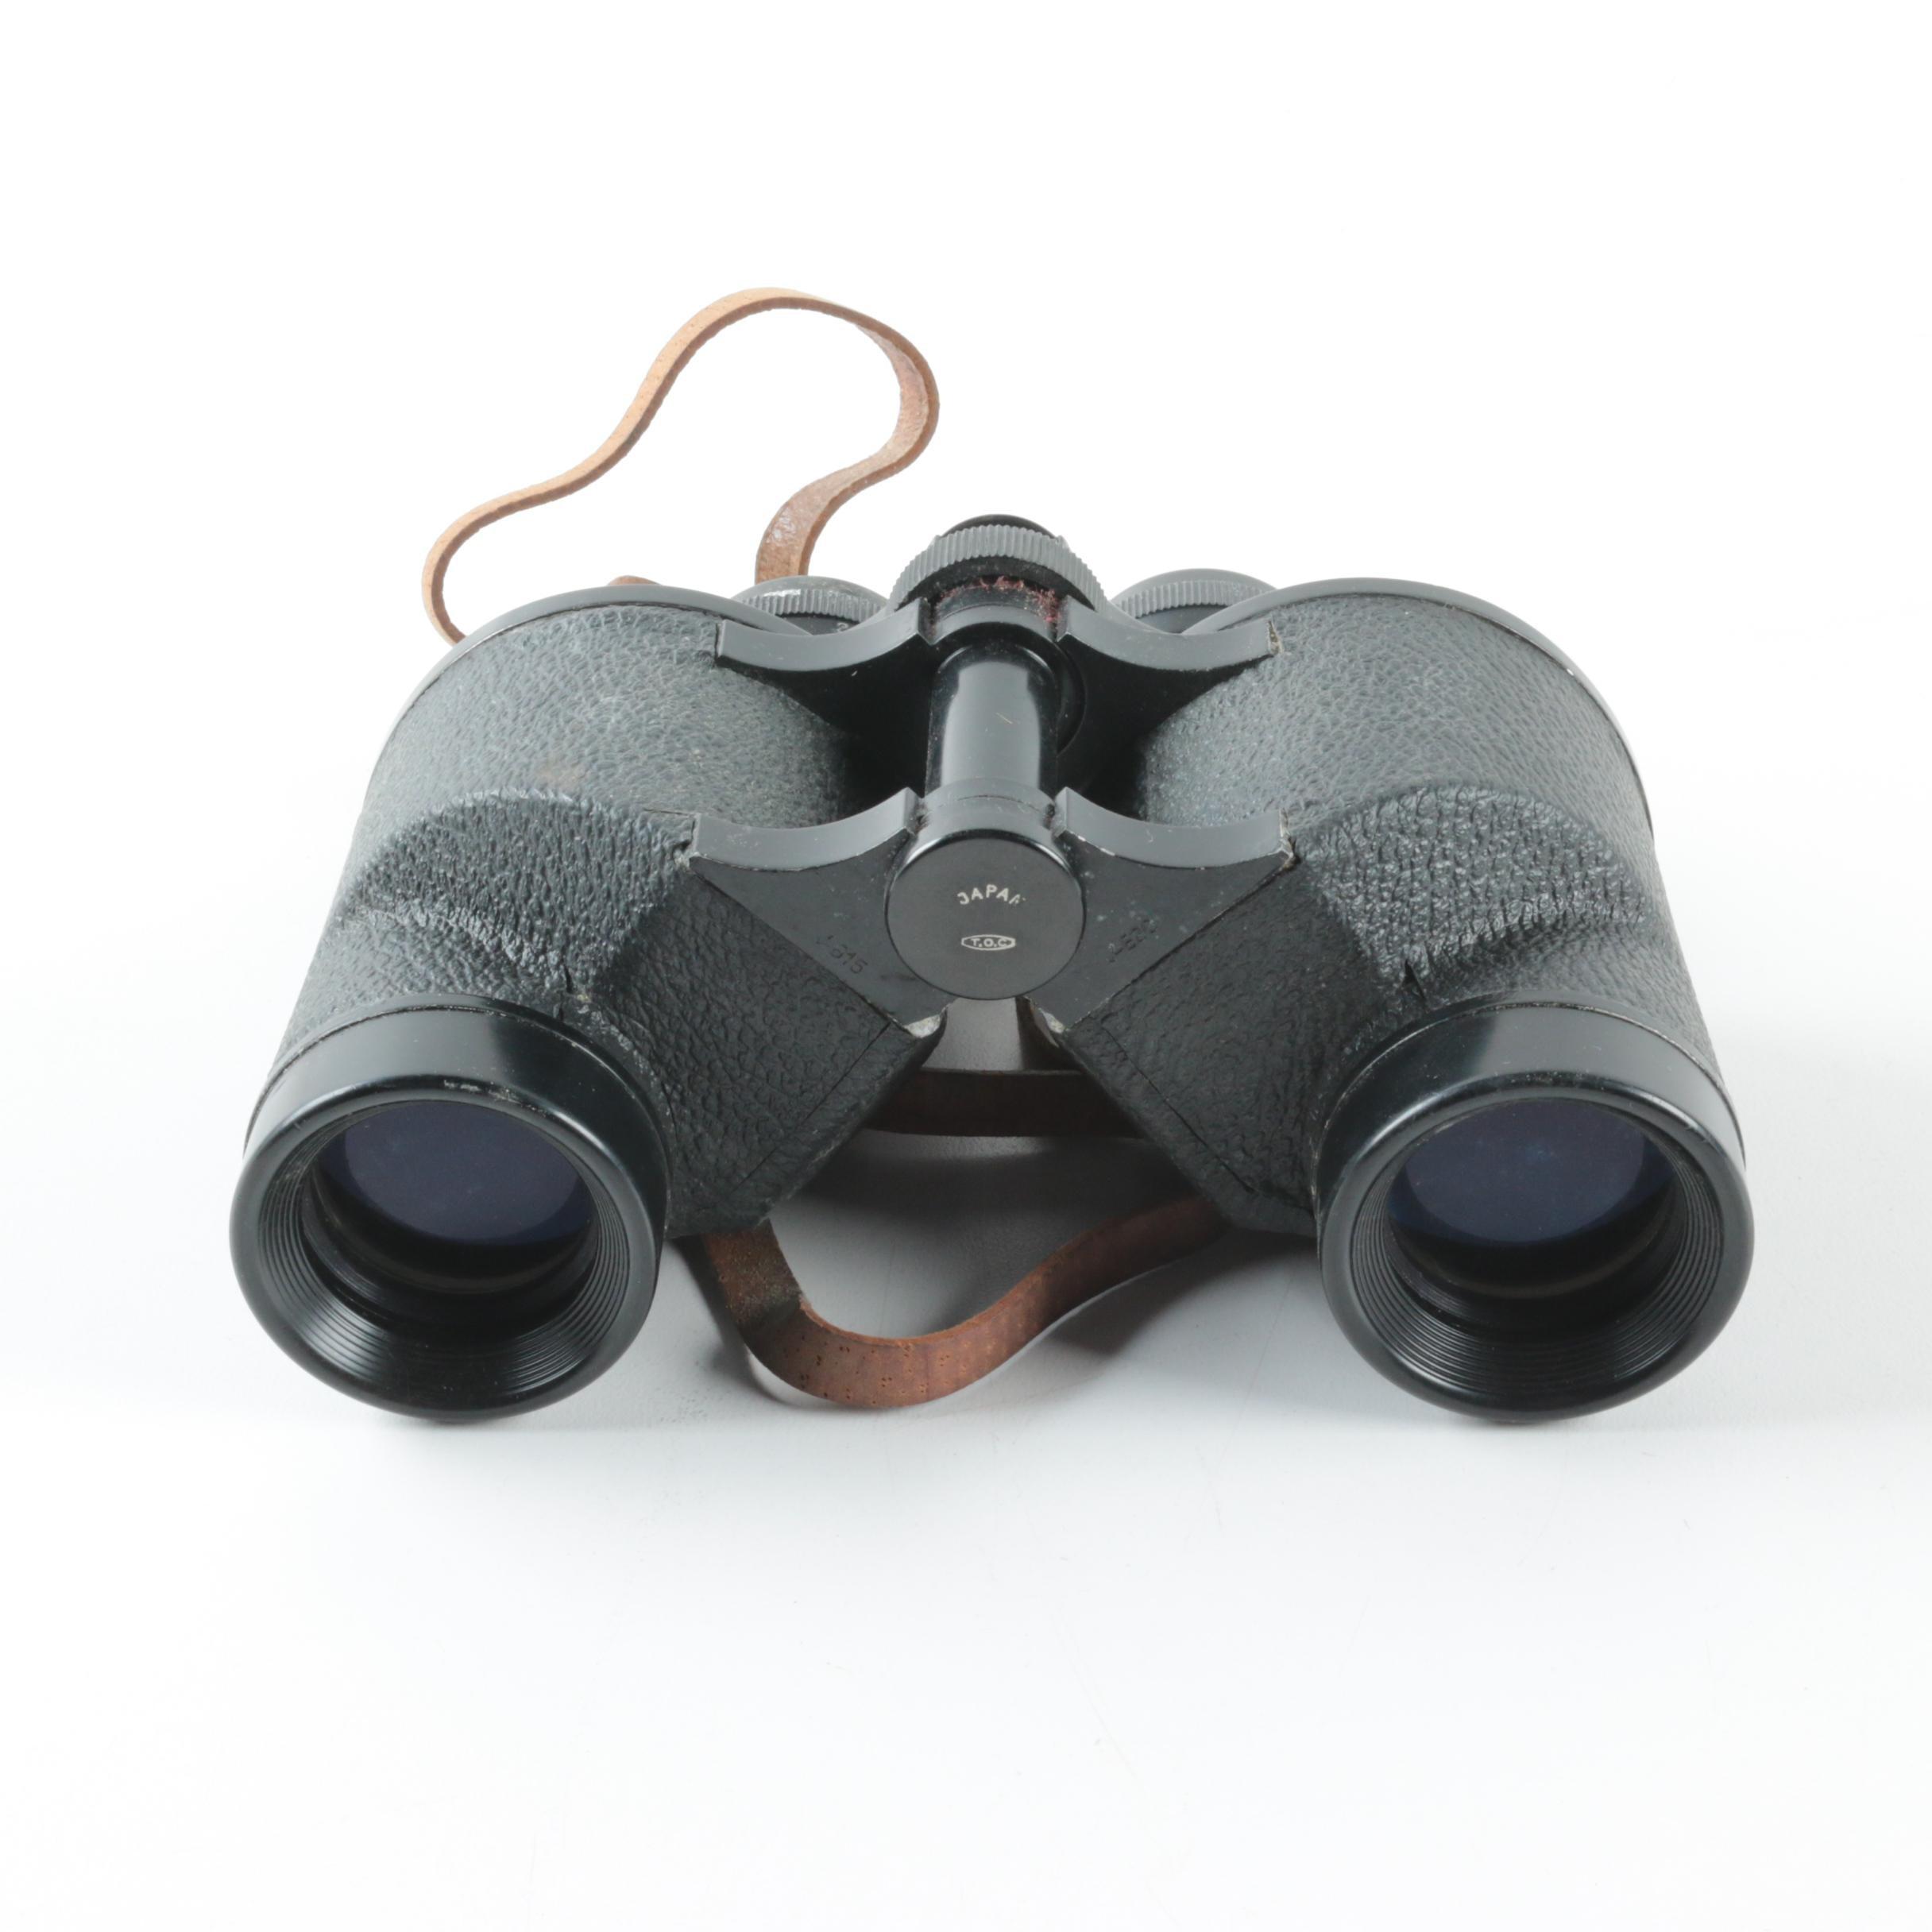 Vintage Royal Crown Binoculars